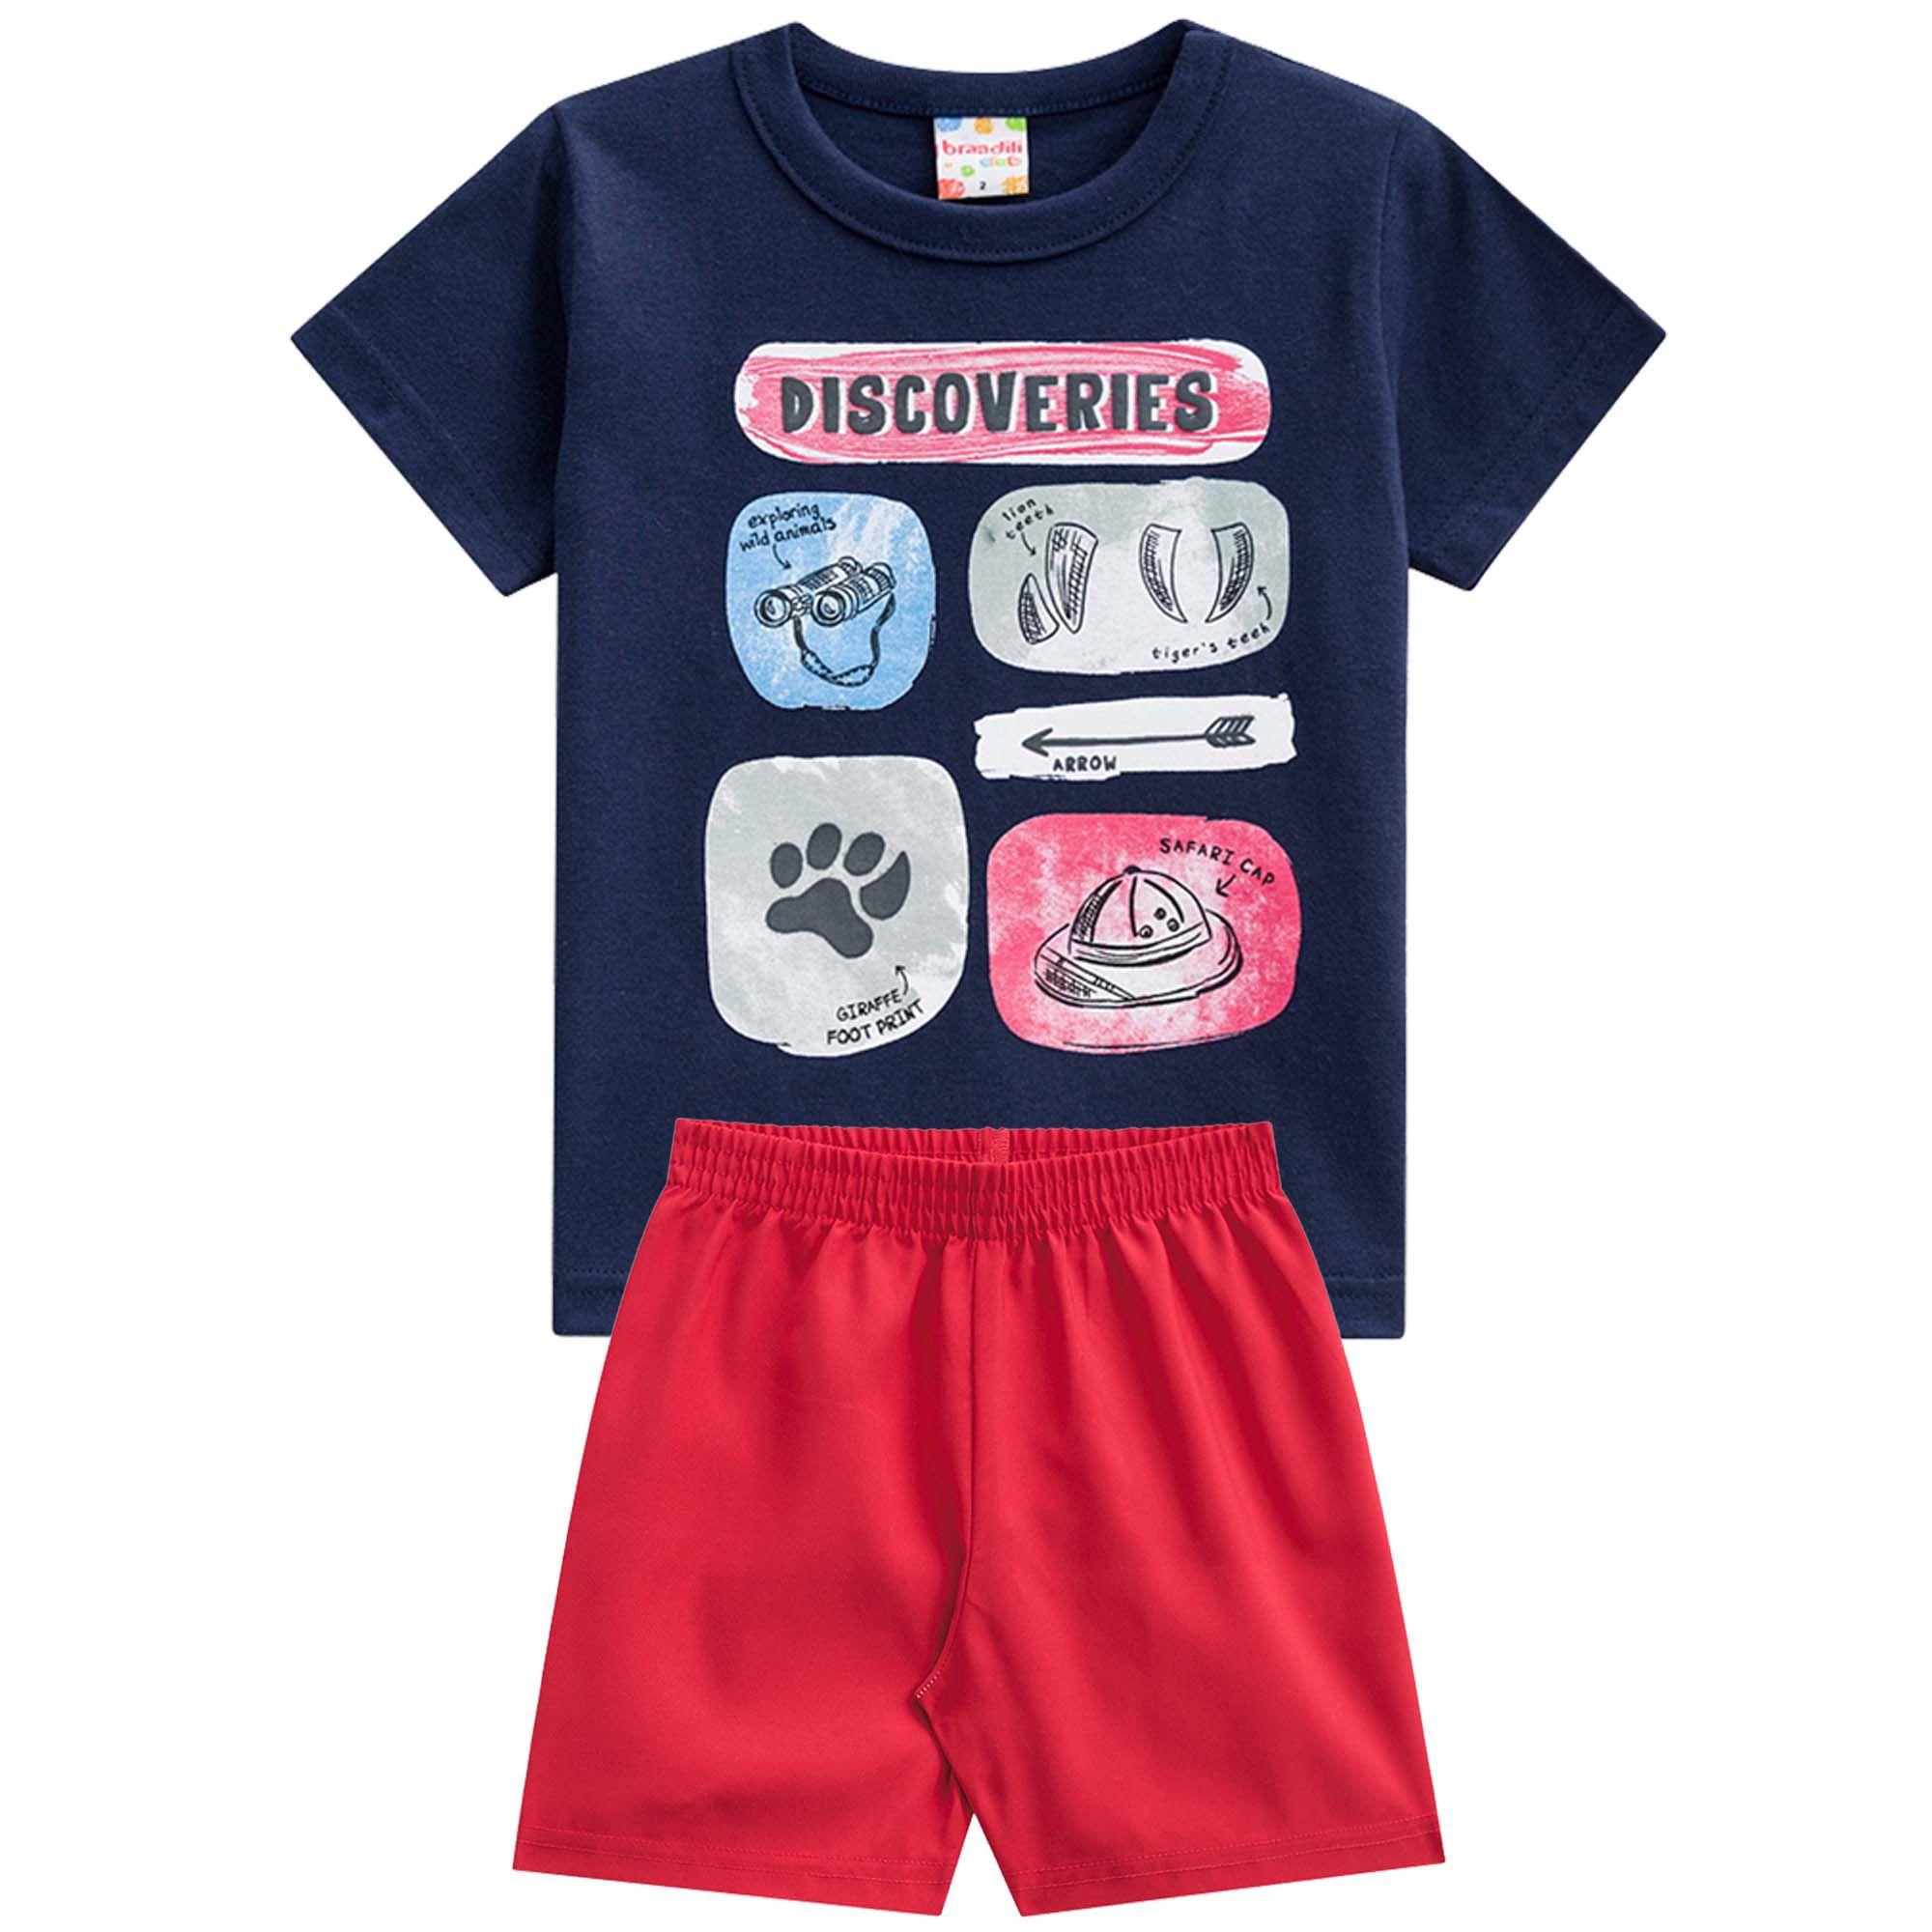 Conjunto Verão Brandili Camiseta Club Discoveries com Bermuda Moletinho - 1 ao 3